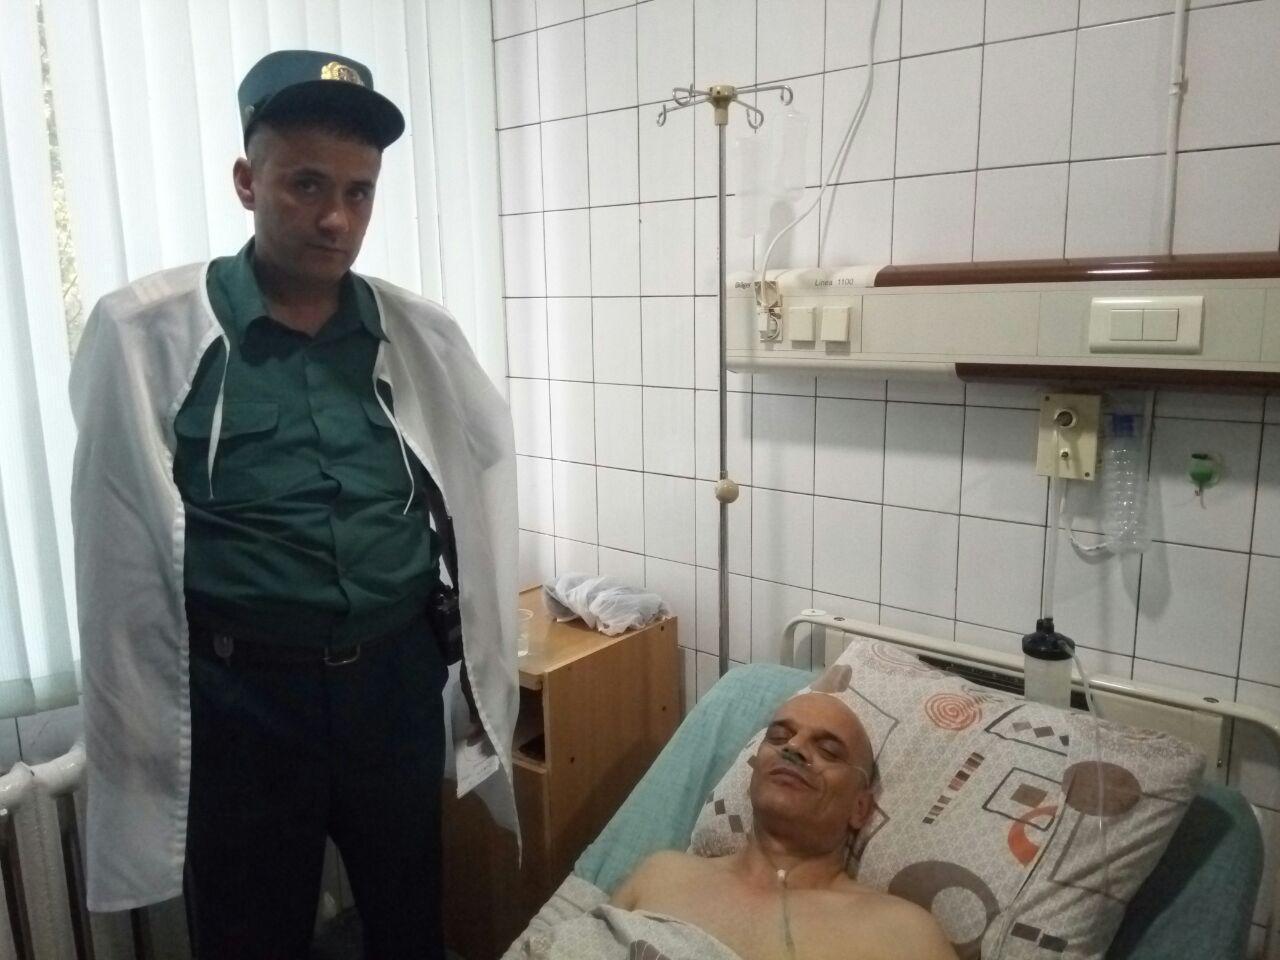 Сотрудник ППС Ташкента спас иностранца от инфаркта